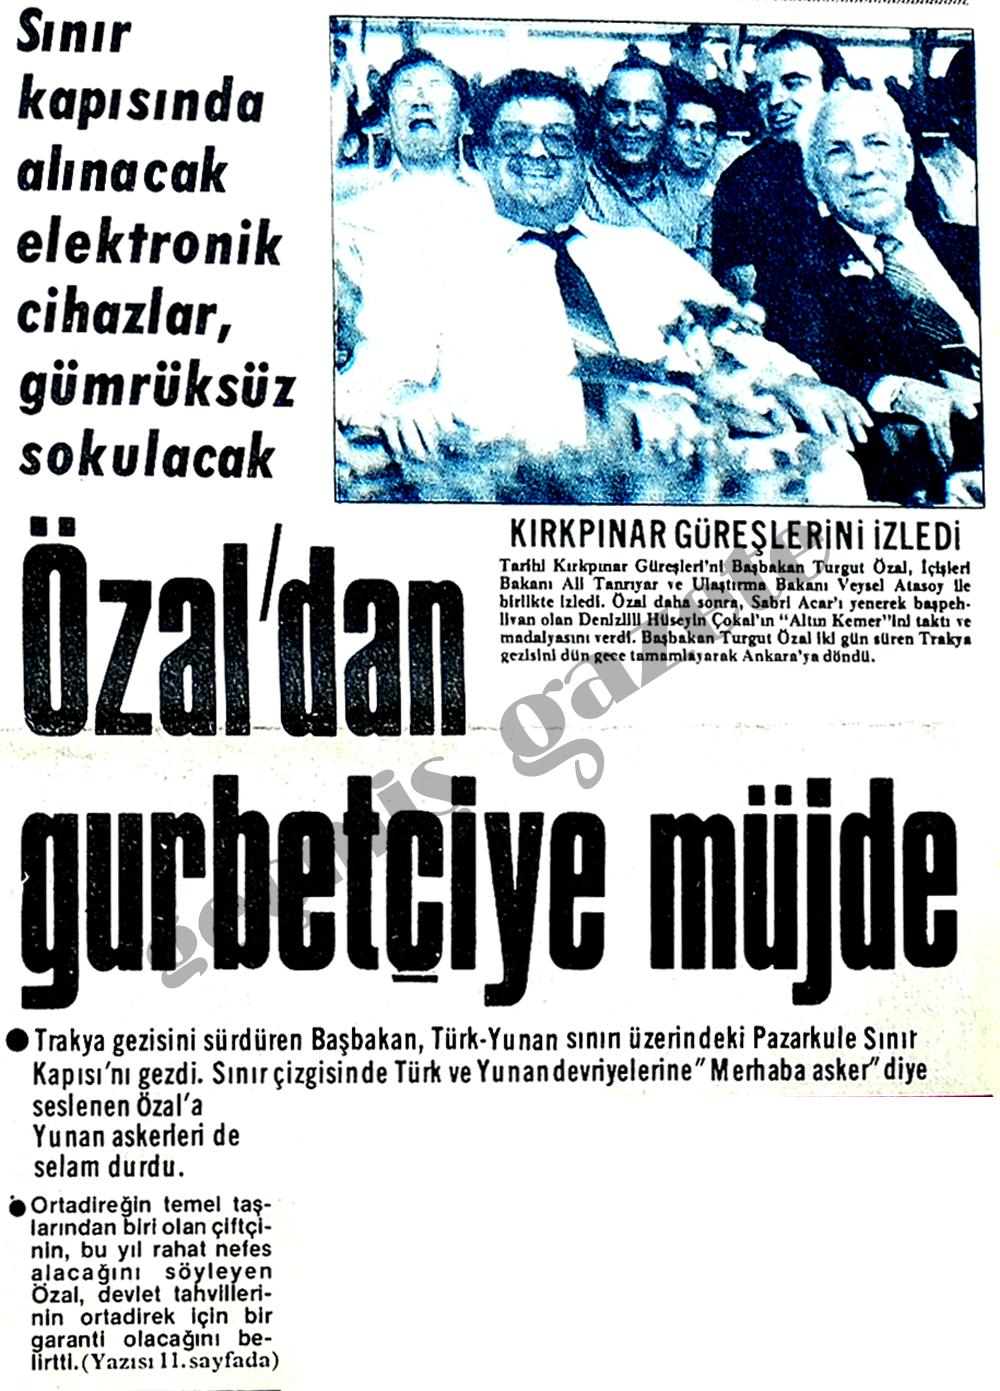 Özal'dan gurbetçiye müjde